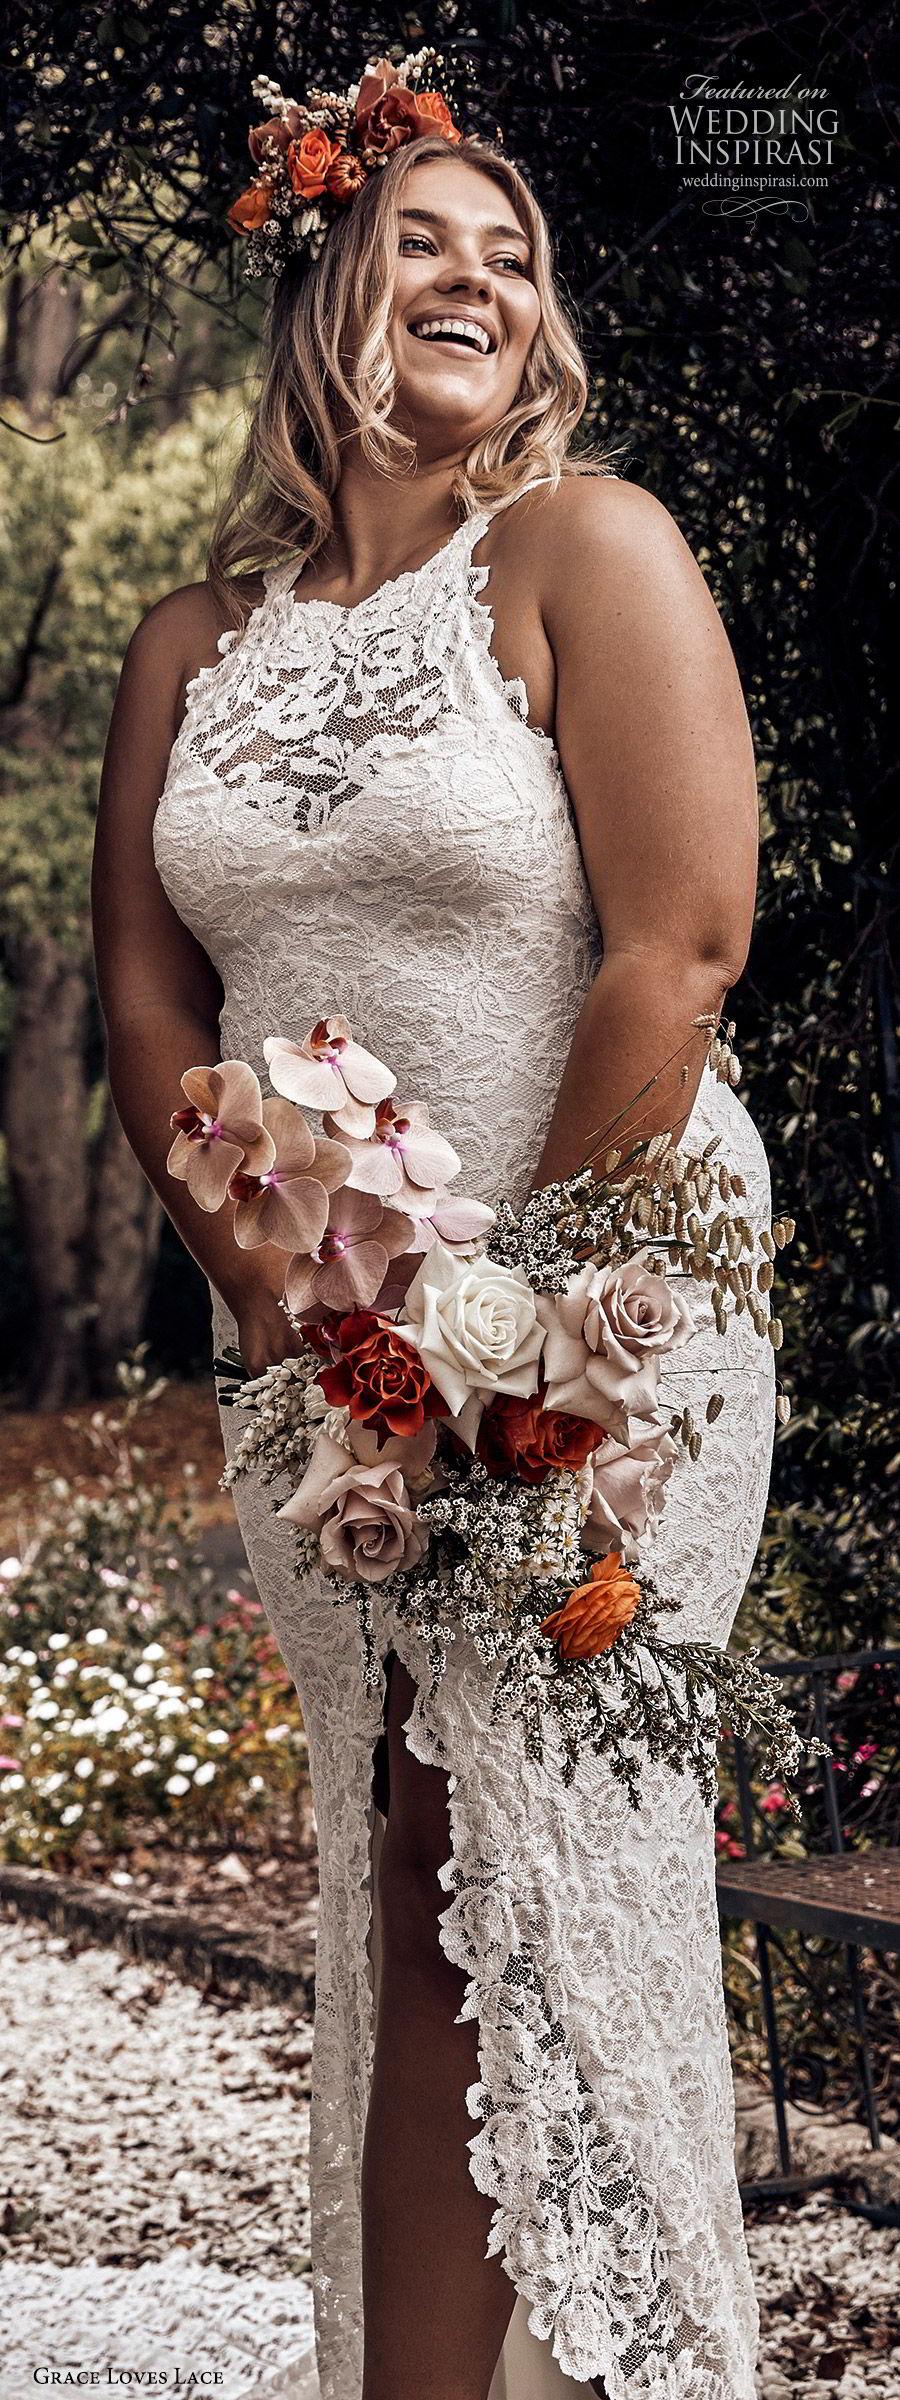 grace loves lace 2019 bridal sleeveless illusion halter neck sweetheart fully embellished lace sheath wedding dress slit skirt romantic boho chic plus size (3) lv